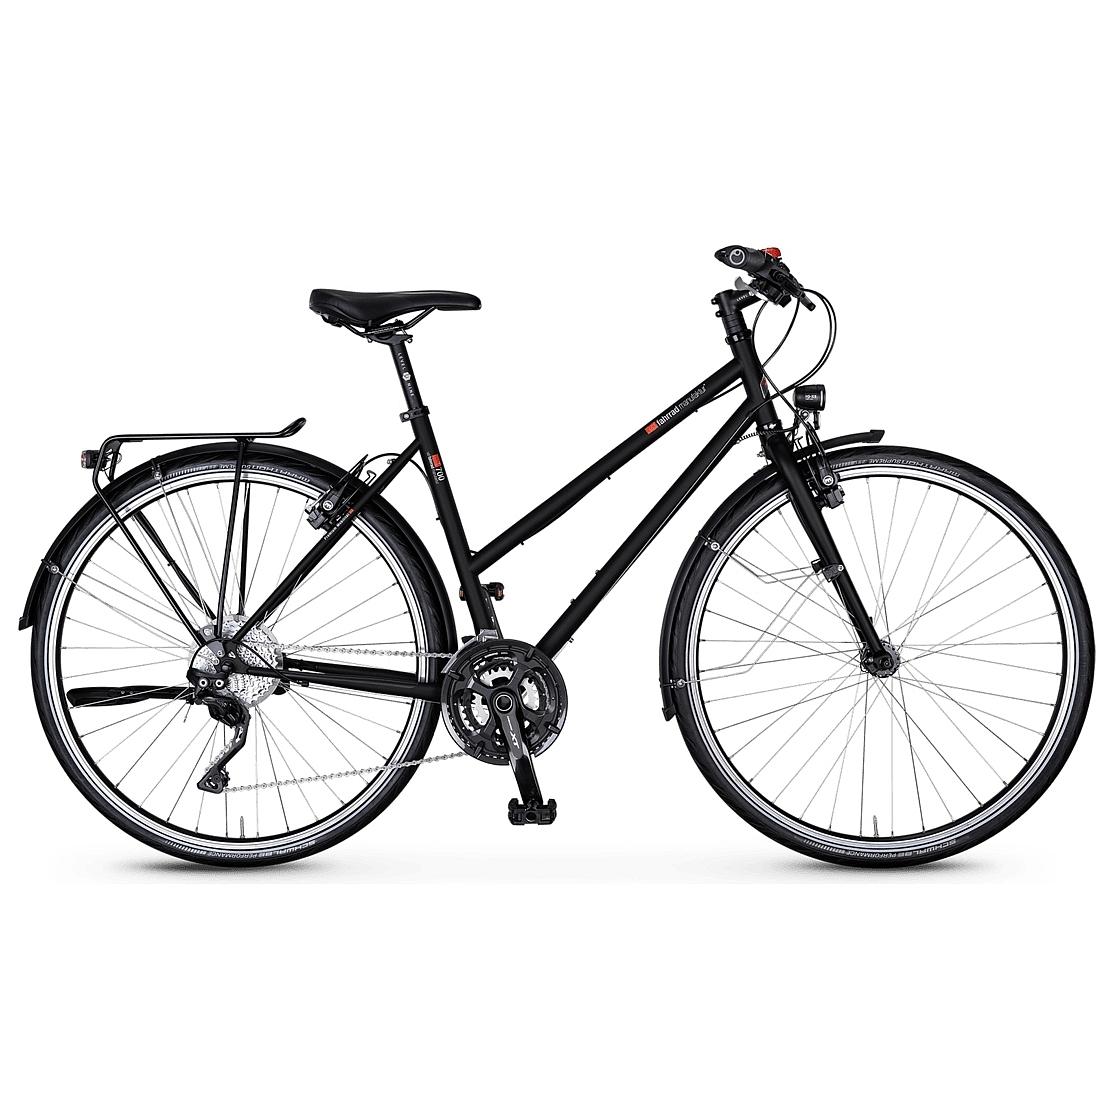 vsf fahrradmanufaktur T-700 HS22 Deore XT - Damen Trekkingrad - 2021 - ebony matt